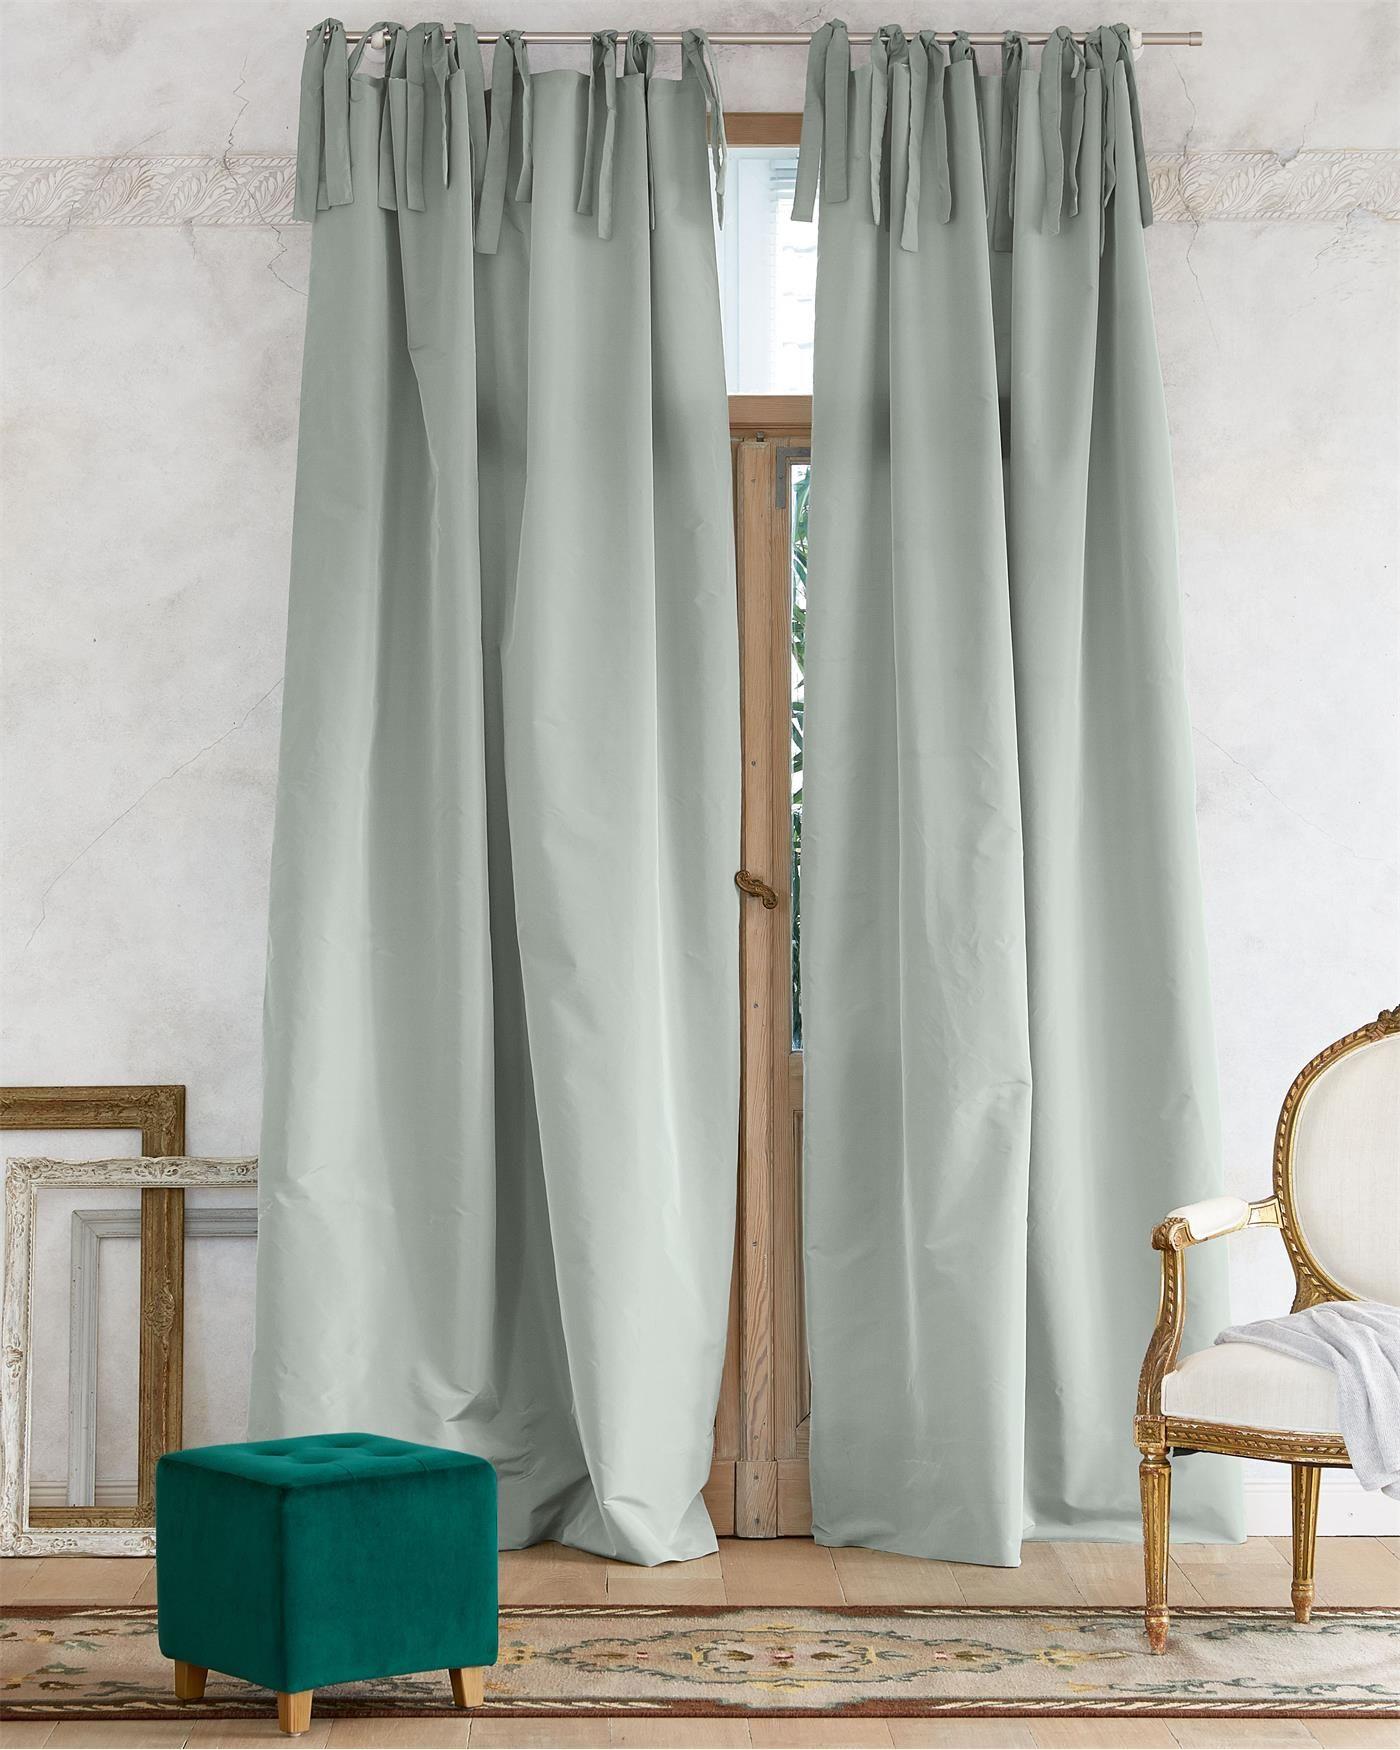 Vossberg Versand vorhang water faux silk finden sie auf vossberg de deko